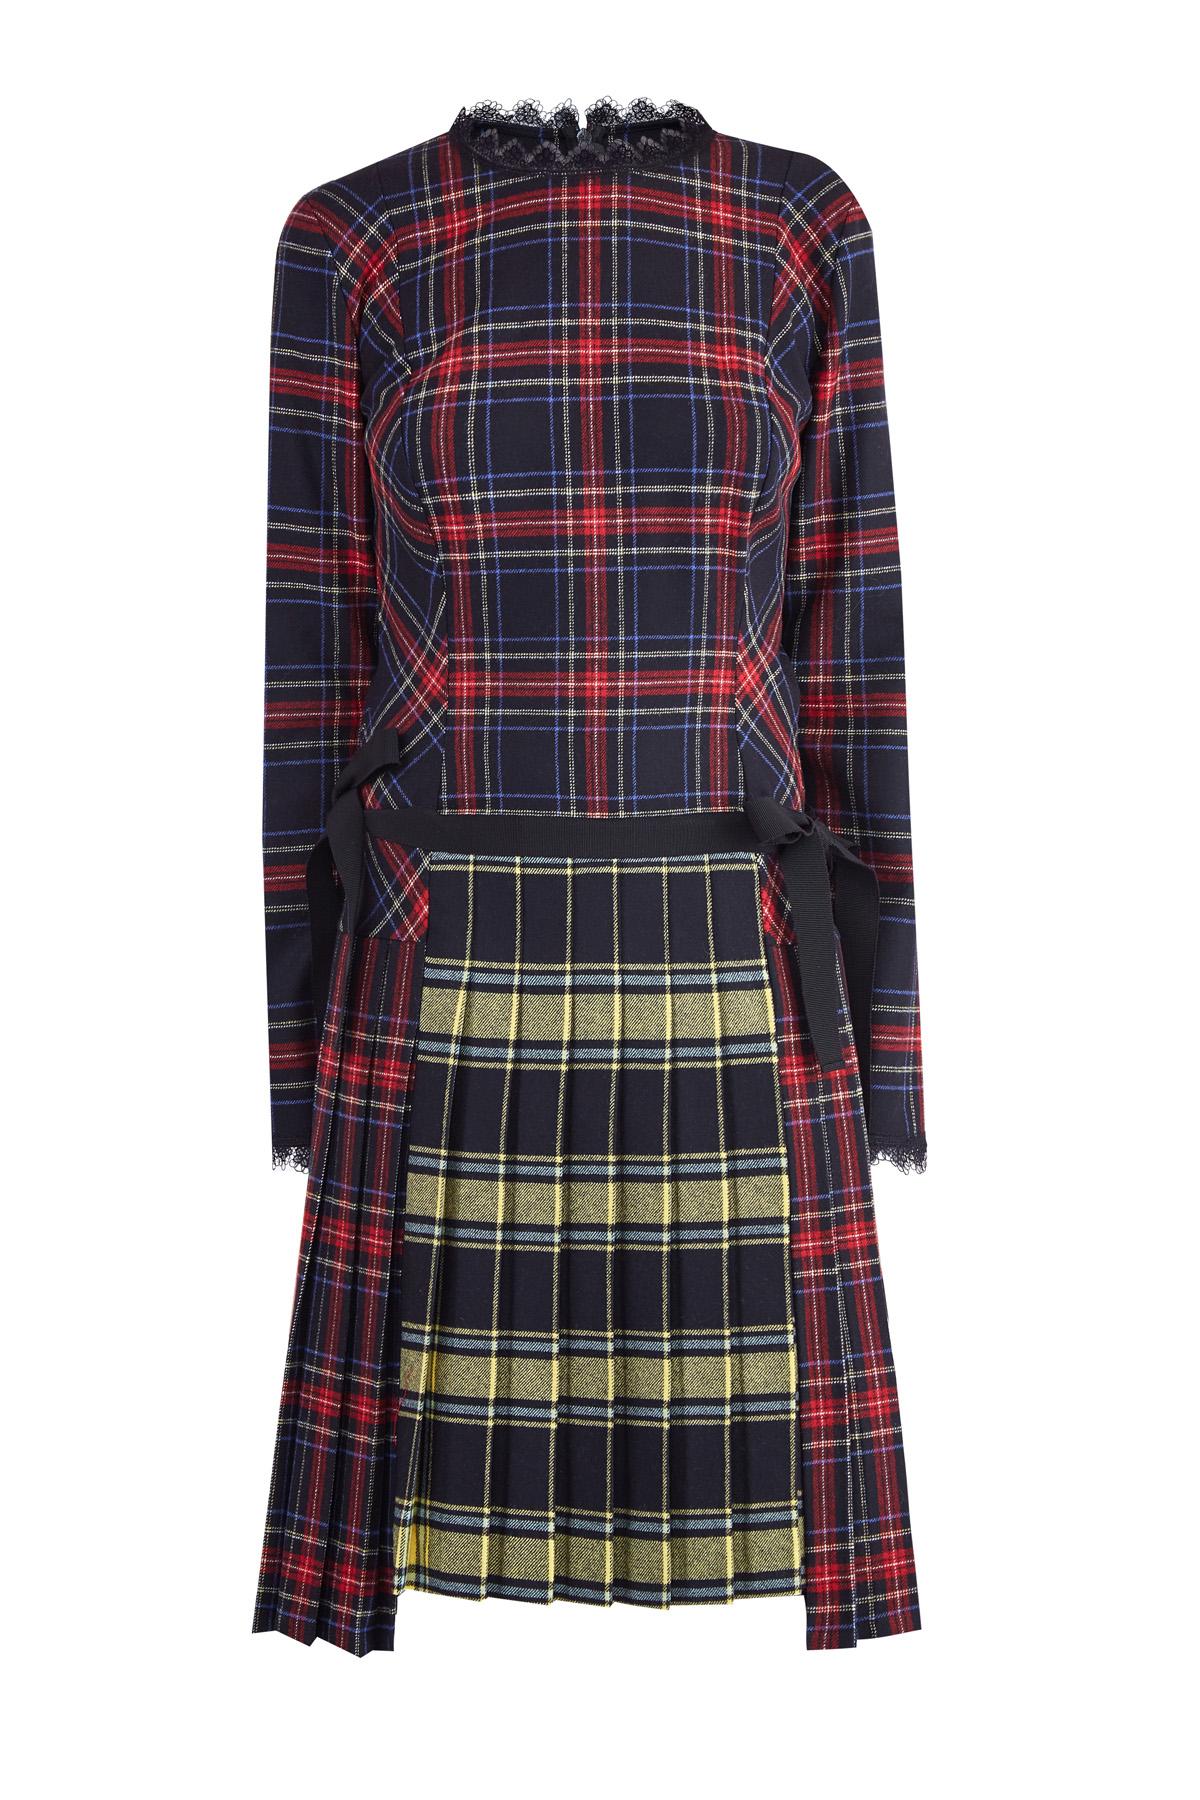 Купить со скидкой Клетчатое платье из шерстяной ткани с контрастными вставками